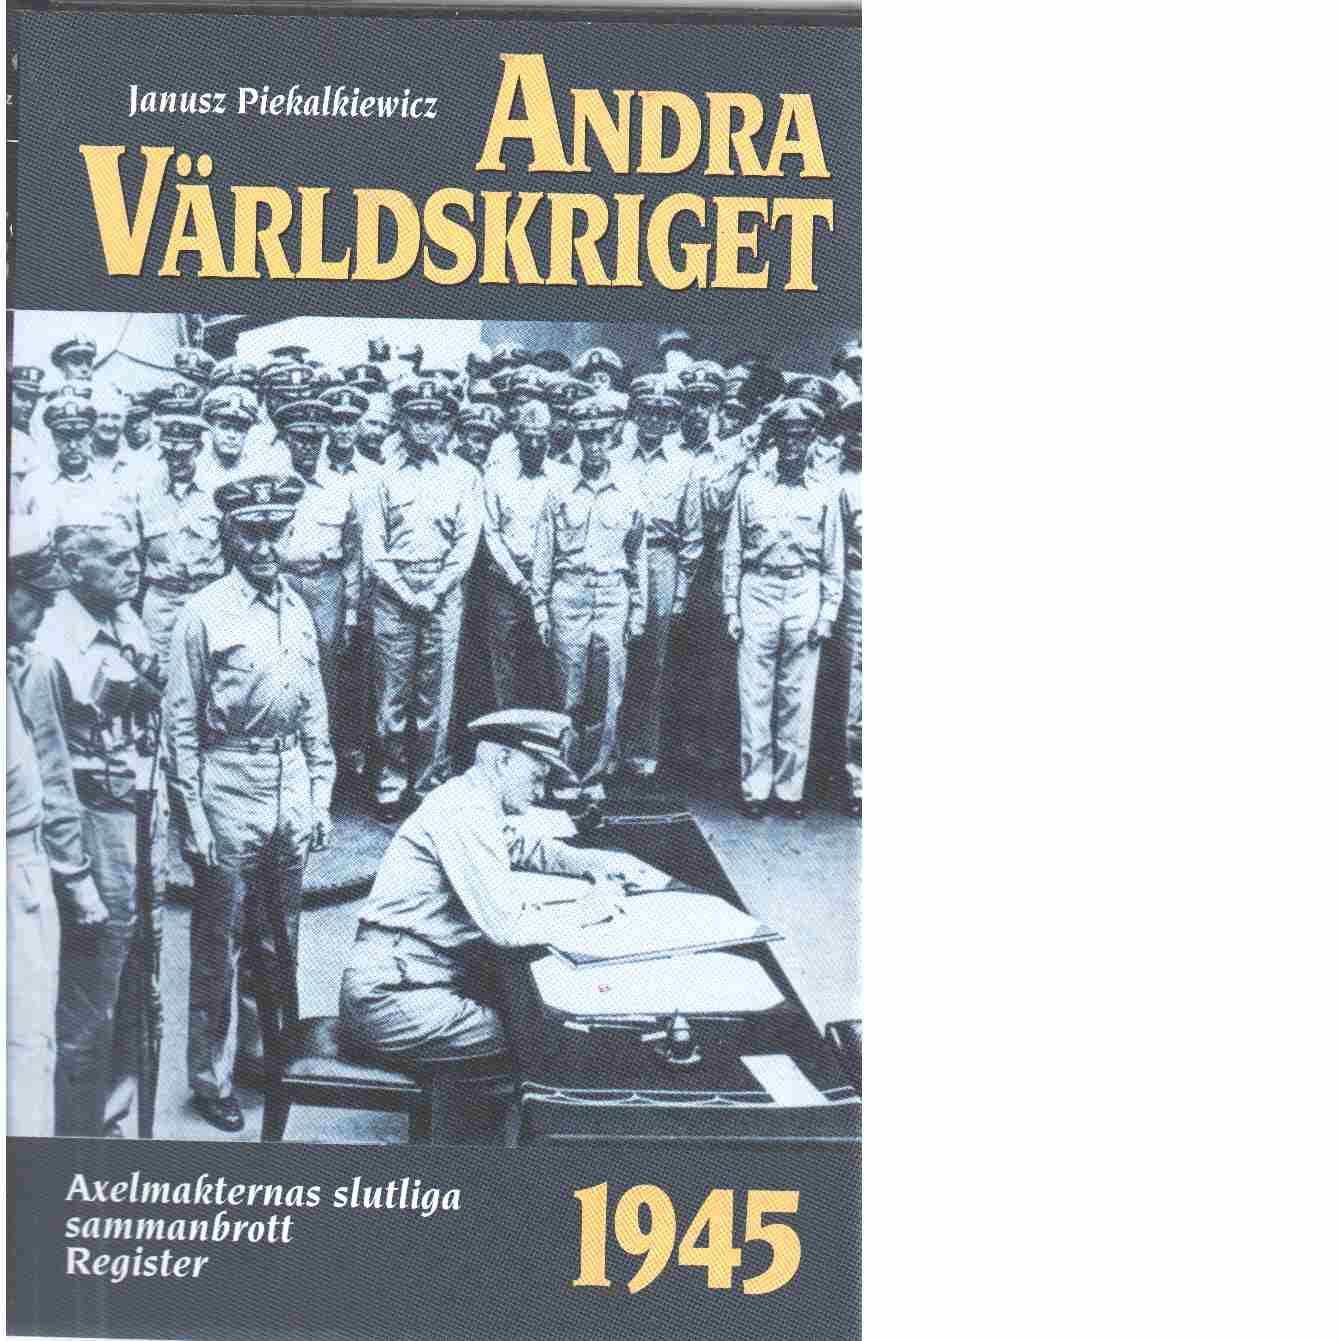 Andra världskriget. 10, 1945 års händelser - Piekalkiewicz, Janusz